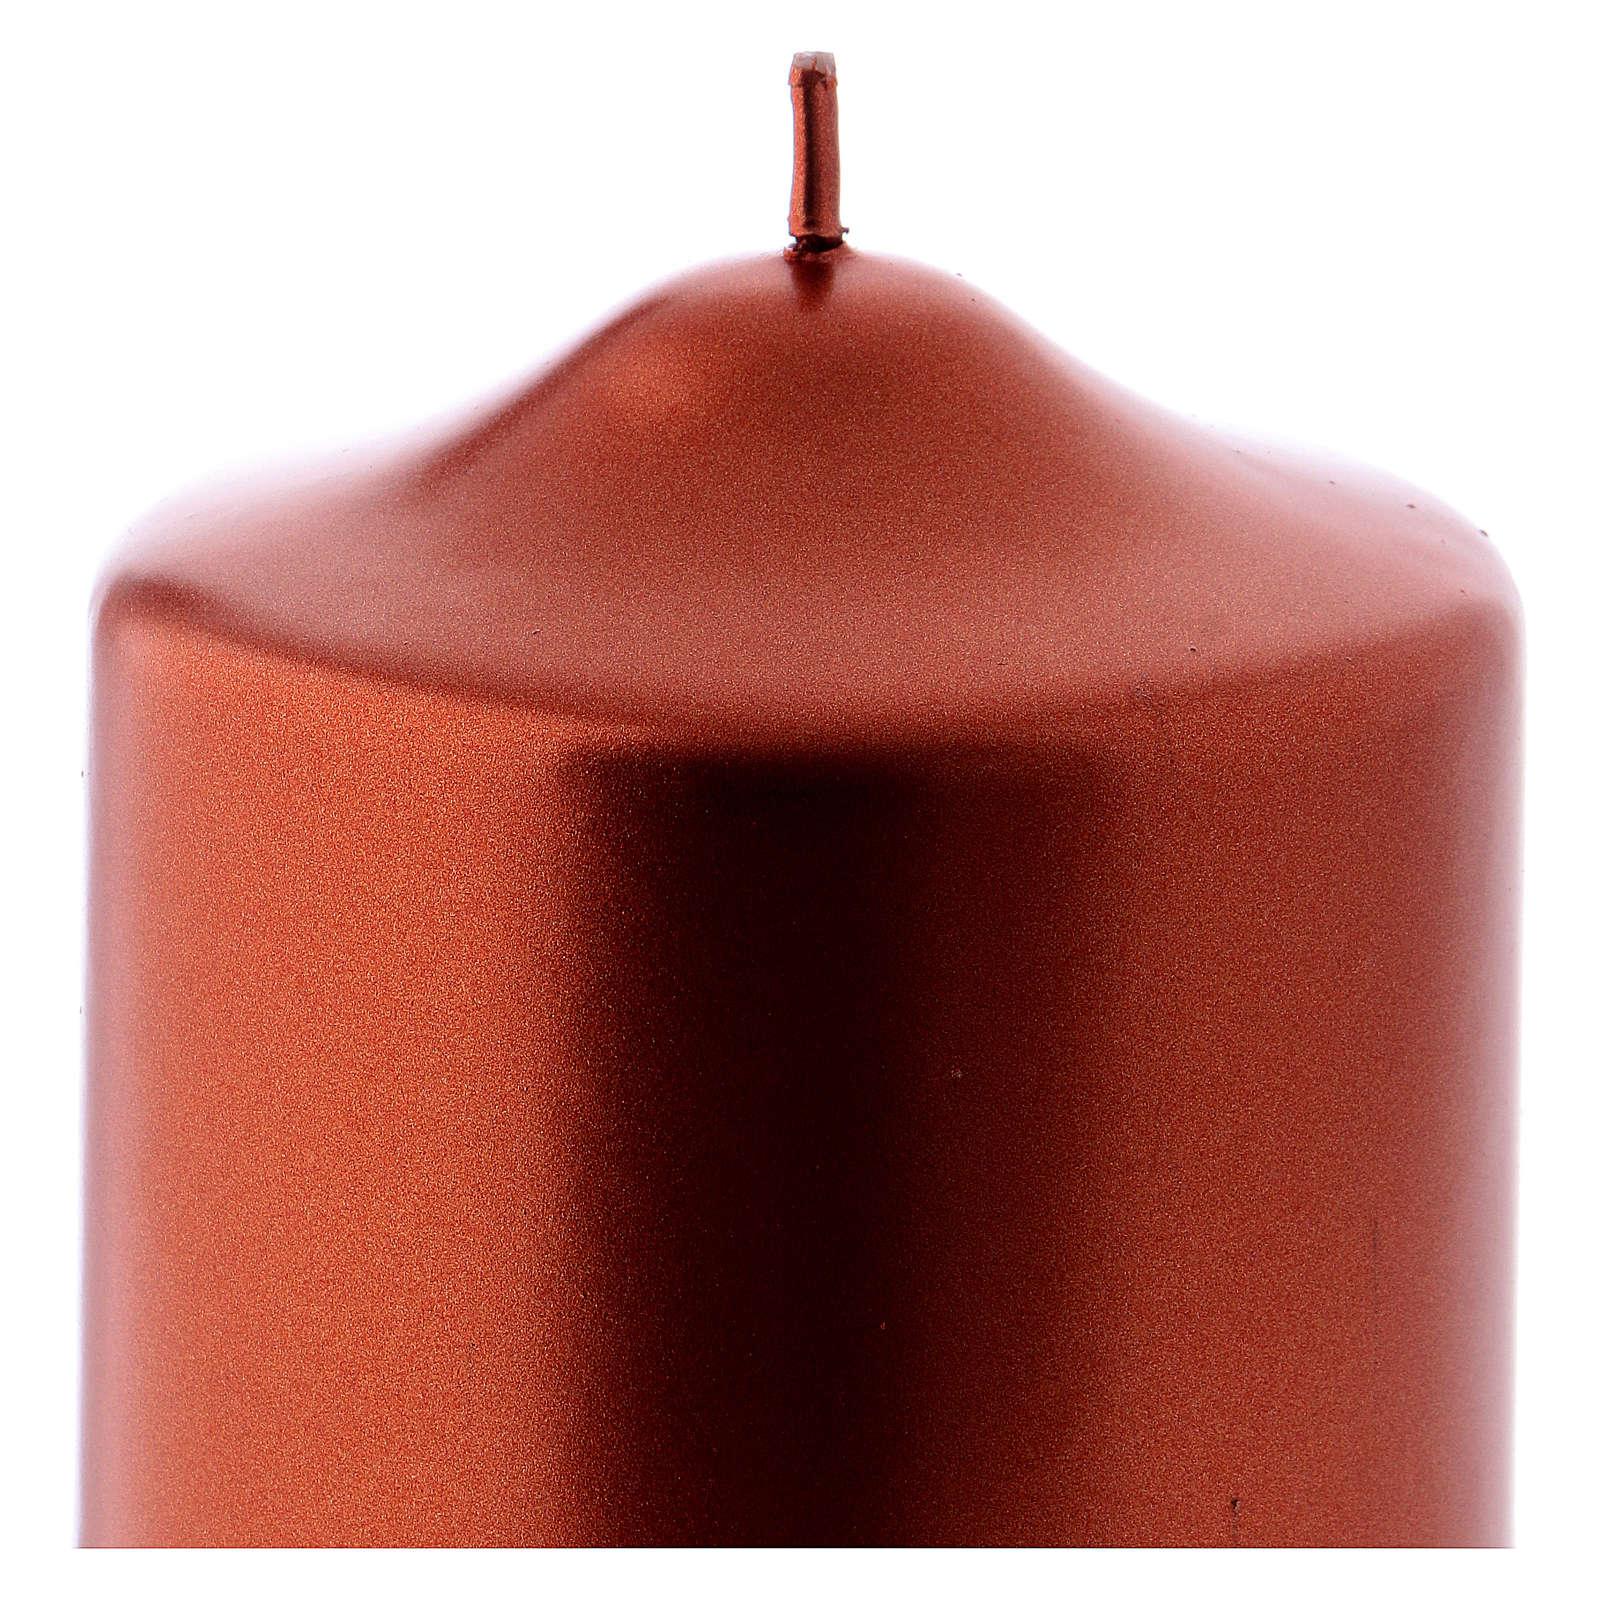 Weihanchtskerze Siegellack 8x8cm kupferfarbig 3